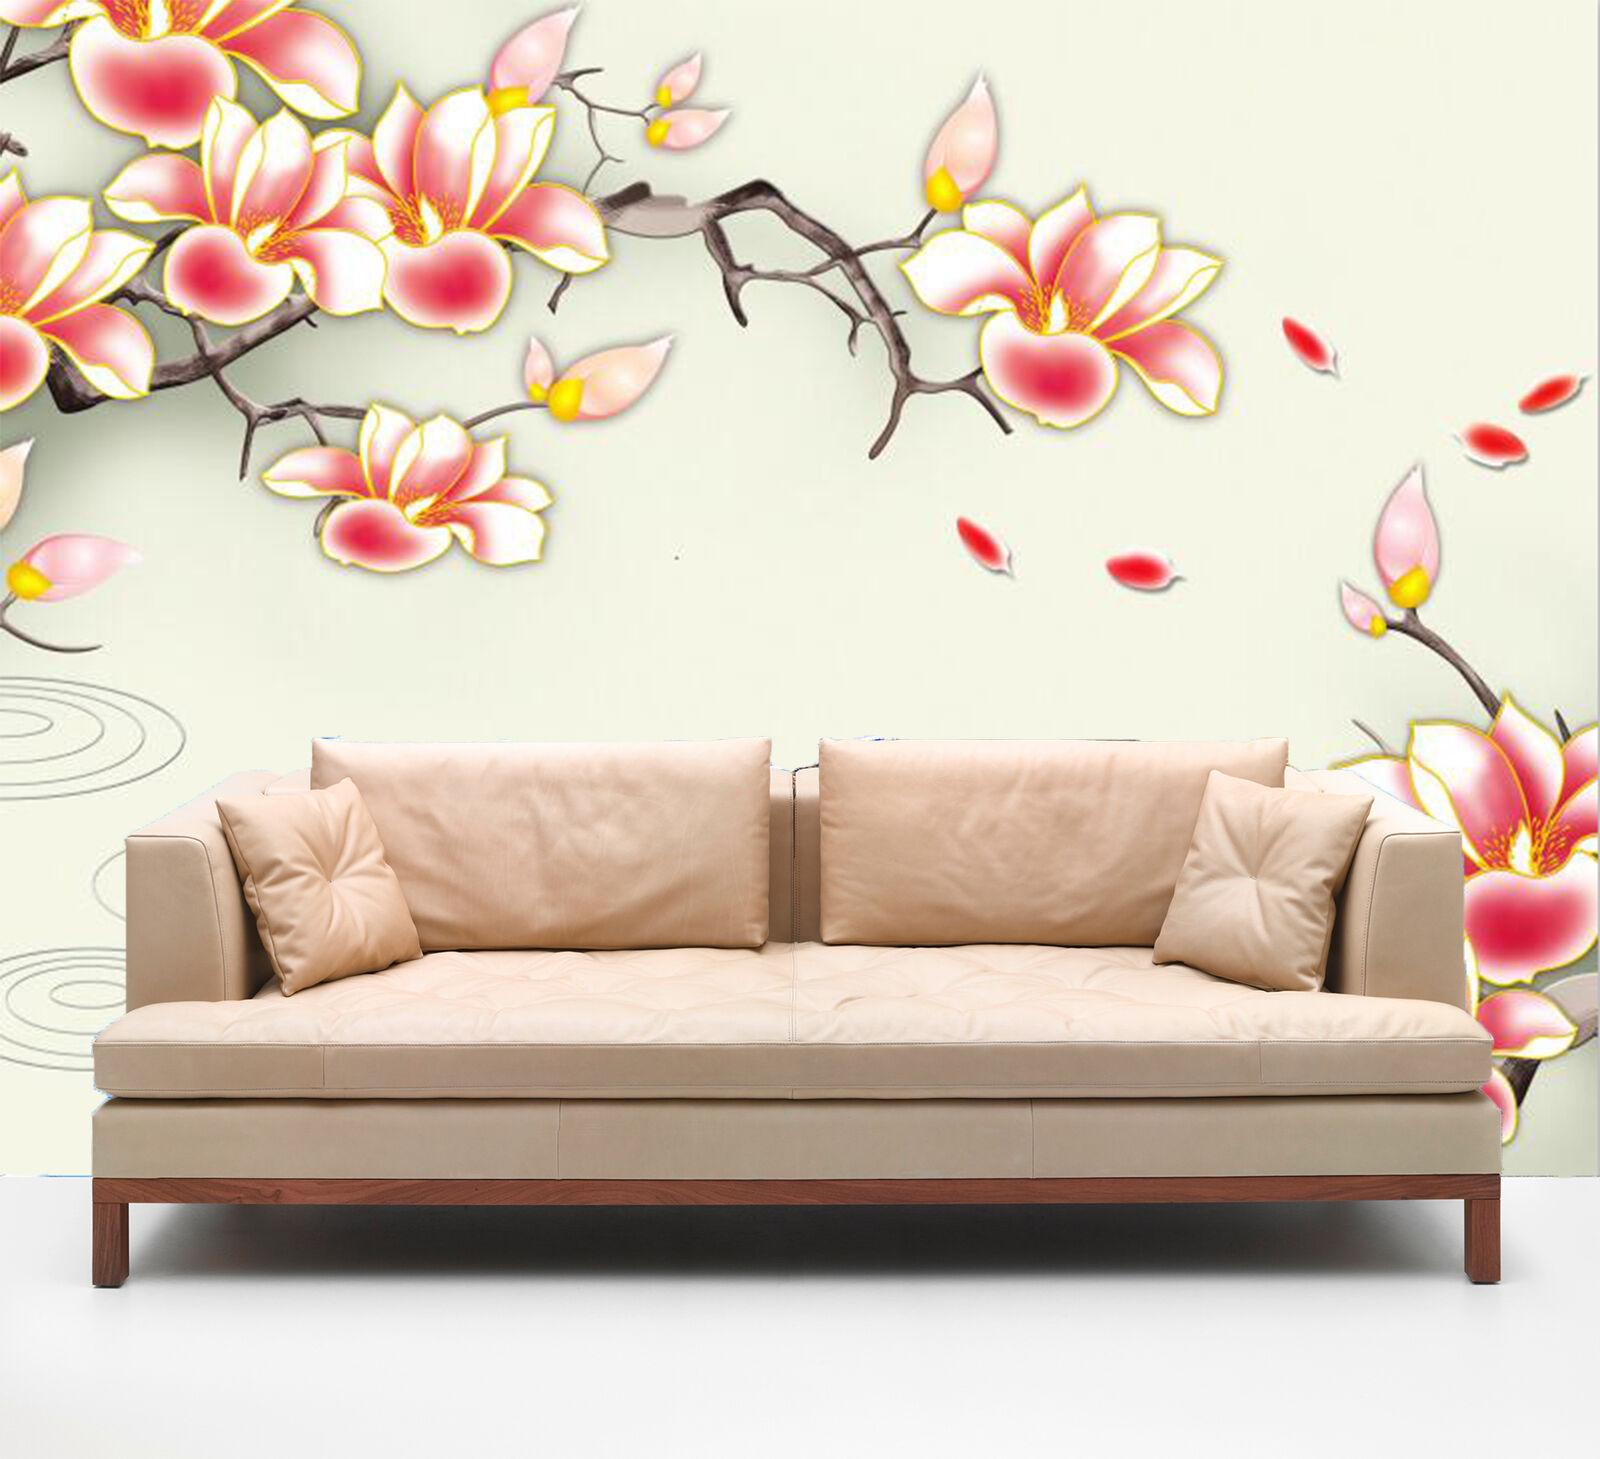 3D ROT petals 3667 Wall Paper Wall Print Decal Wall Deco Indoor Wall Murals